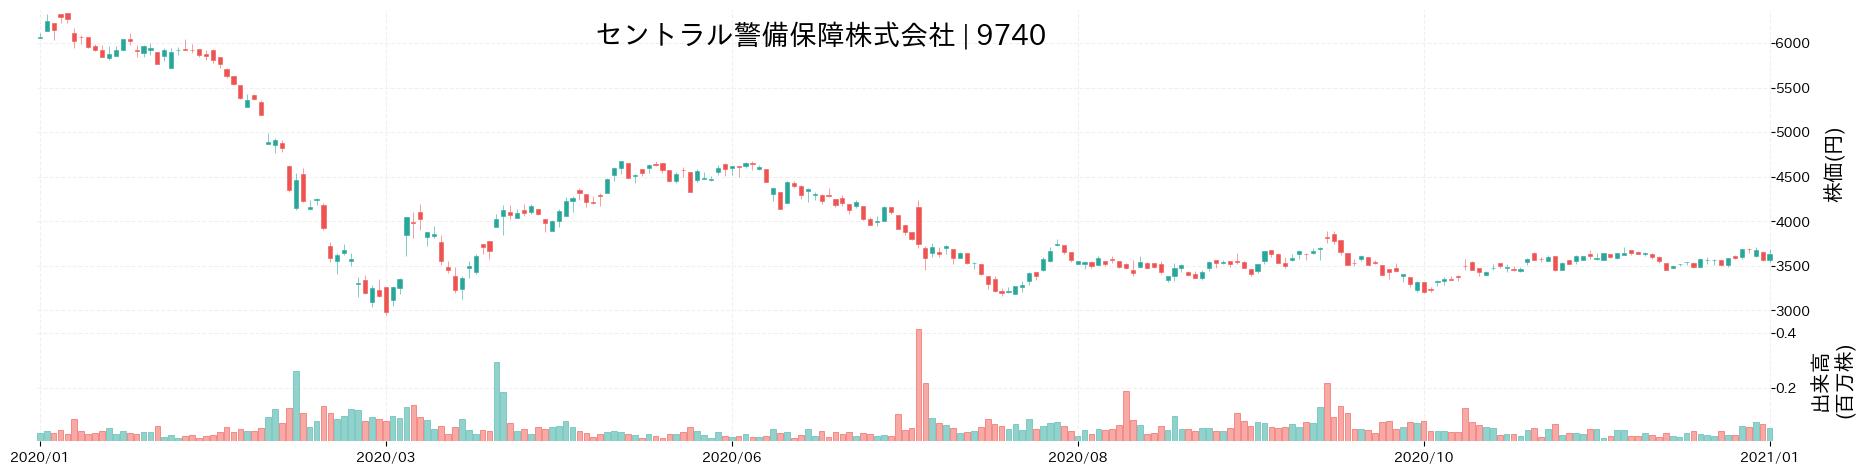 セントラル警備保障株式会社の株価推移(2020)